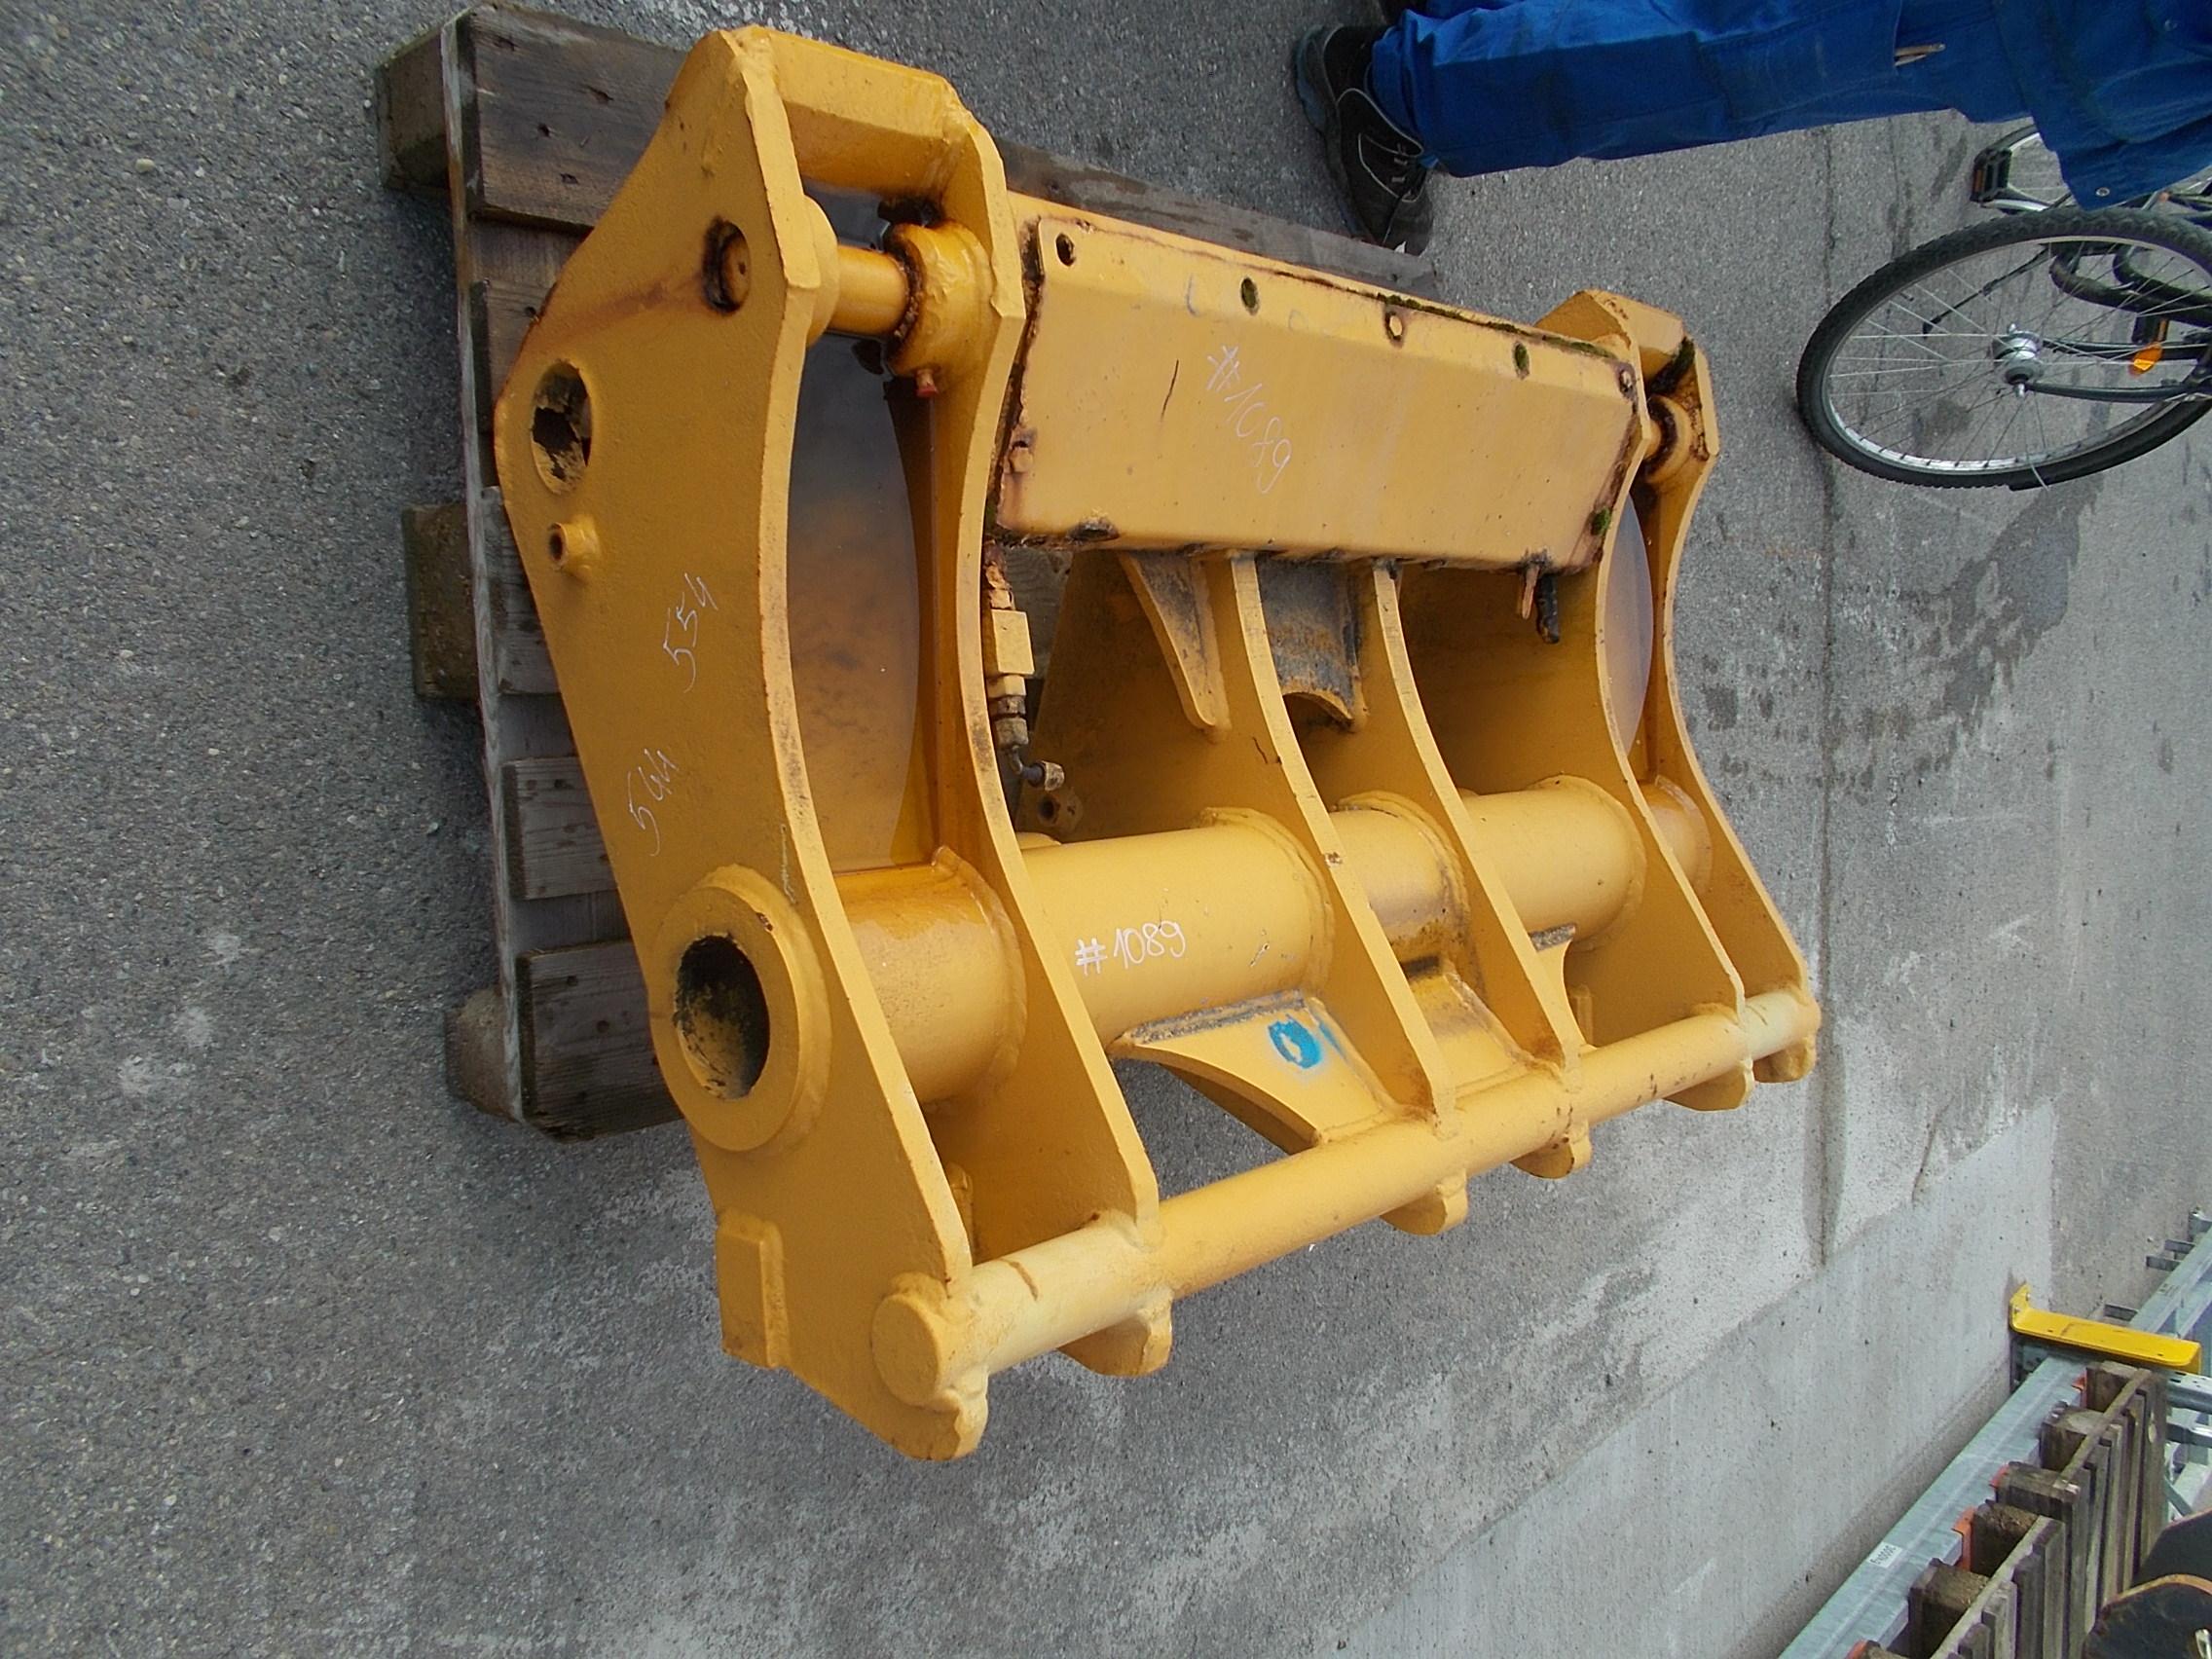 DSCN9067.JPG